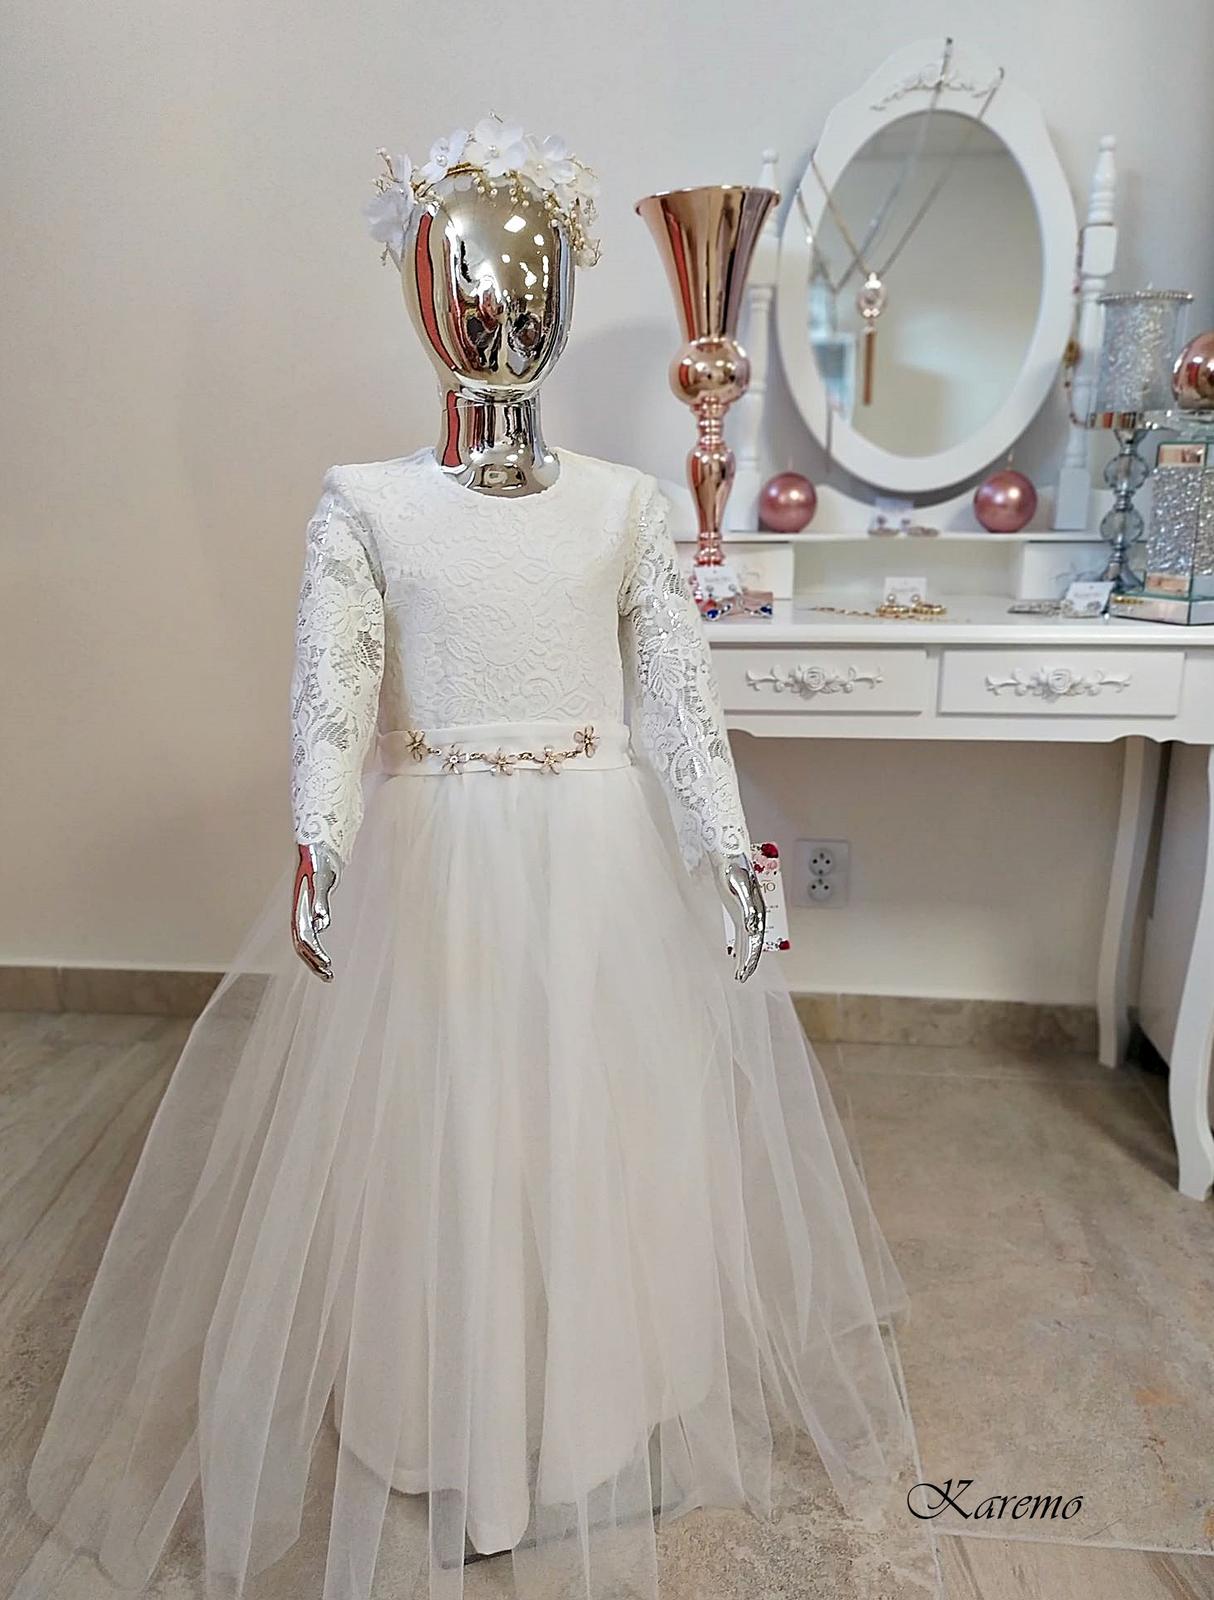 Detské šaty dlhé biele 128,134 - Obrázok č. 1